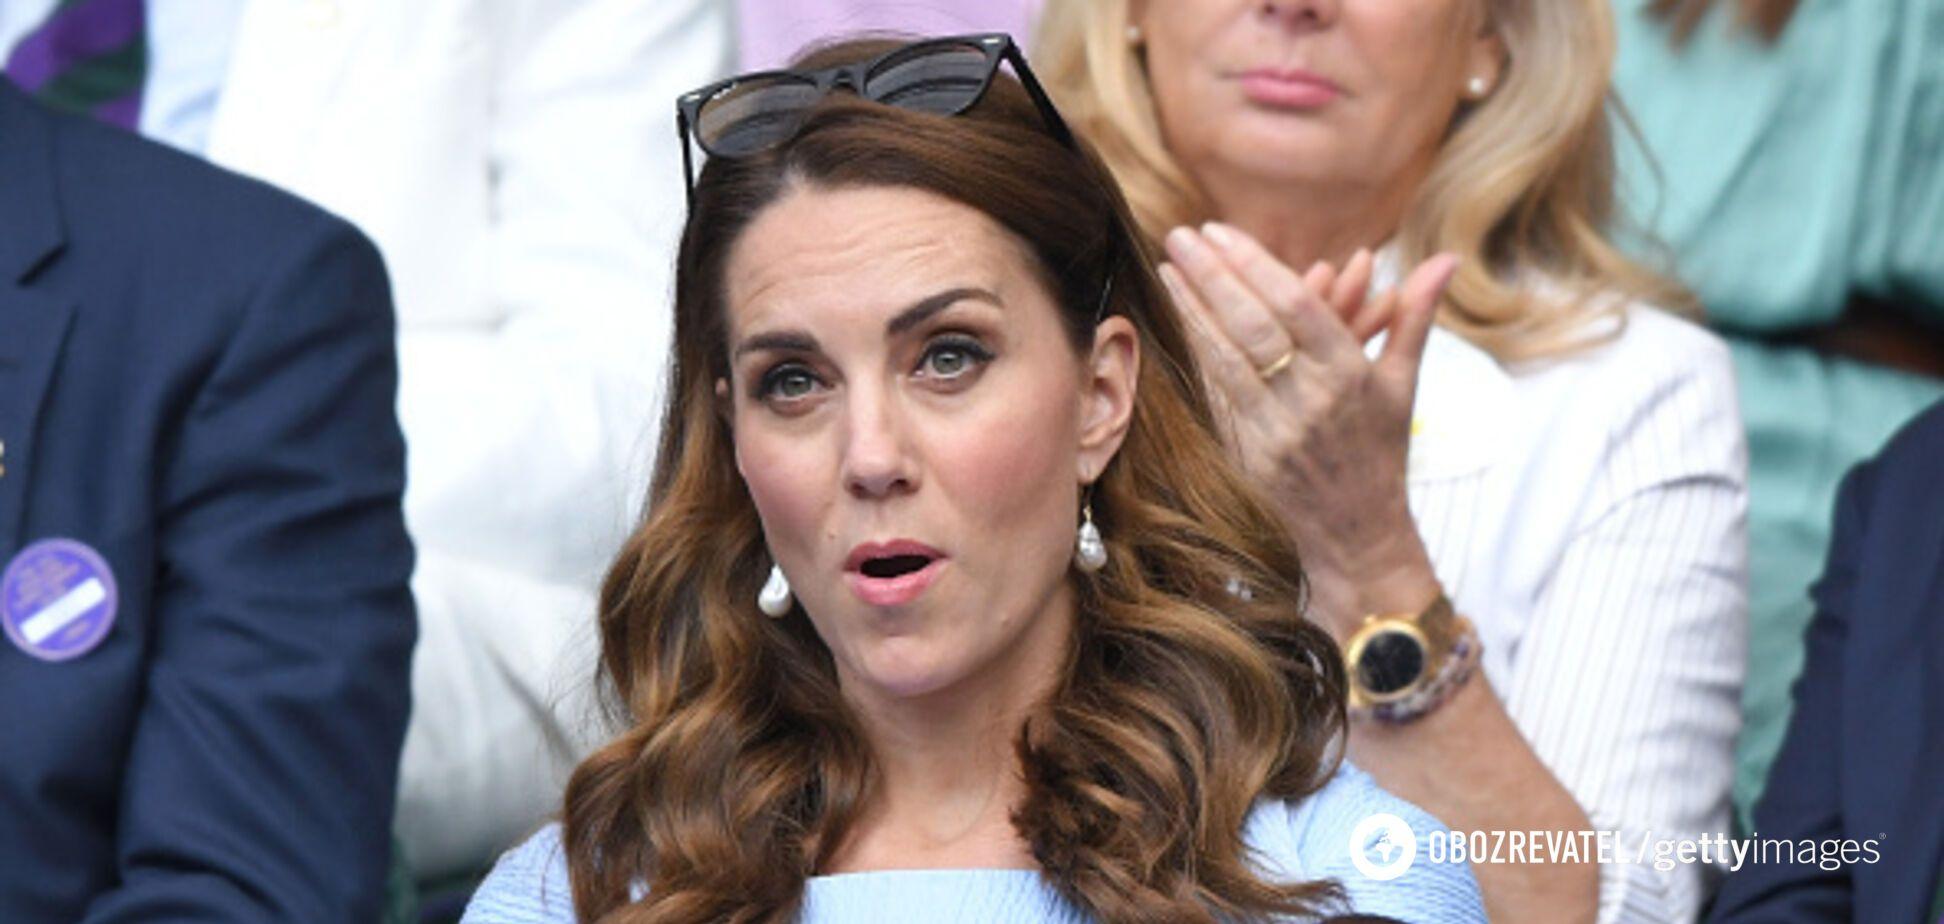 Кейт Міддлтон порушила королівський протокол: що трапилося